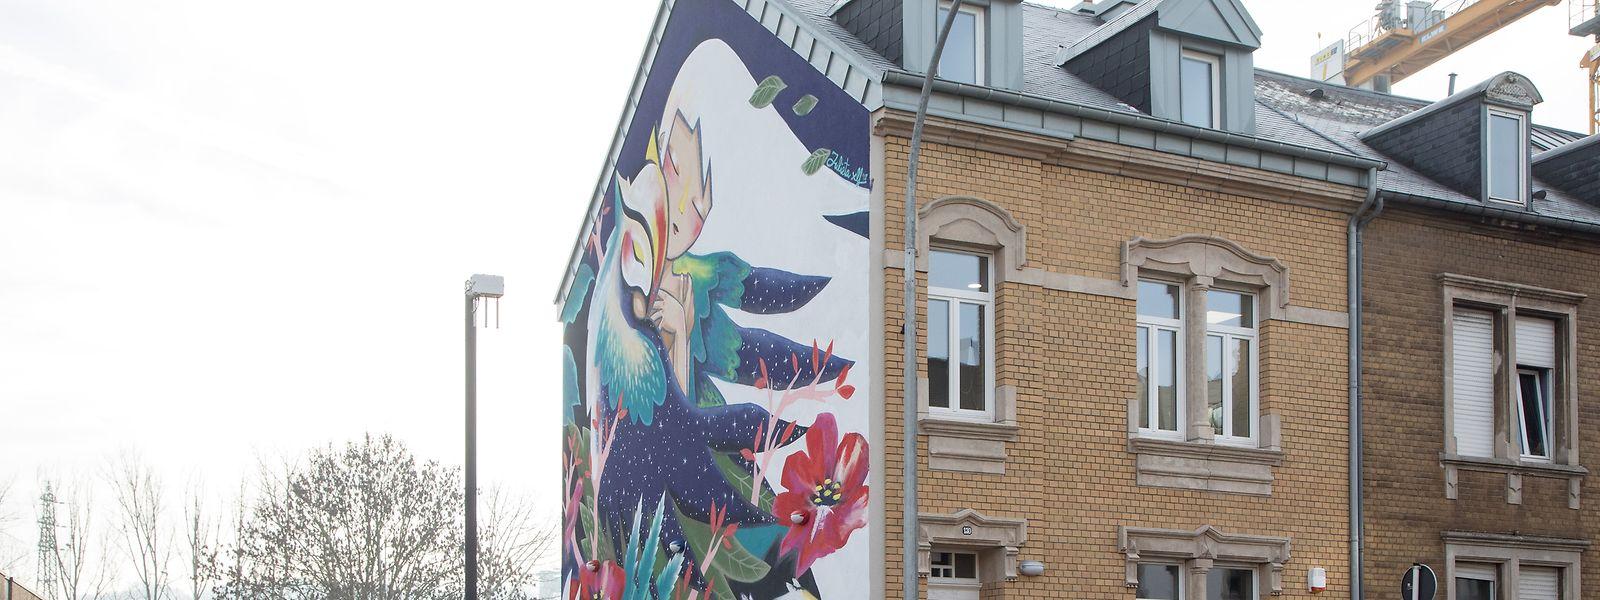 Auf Nummer 130 an der Rue de Luxembourg in Esch empfängt von Junian der Drogenkonsumraum seine Kunden.